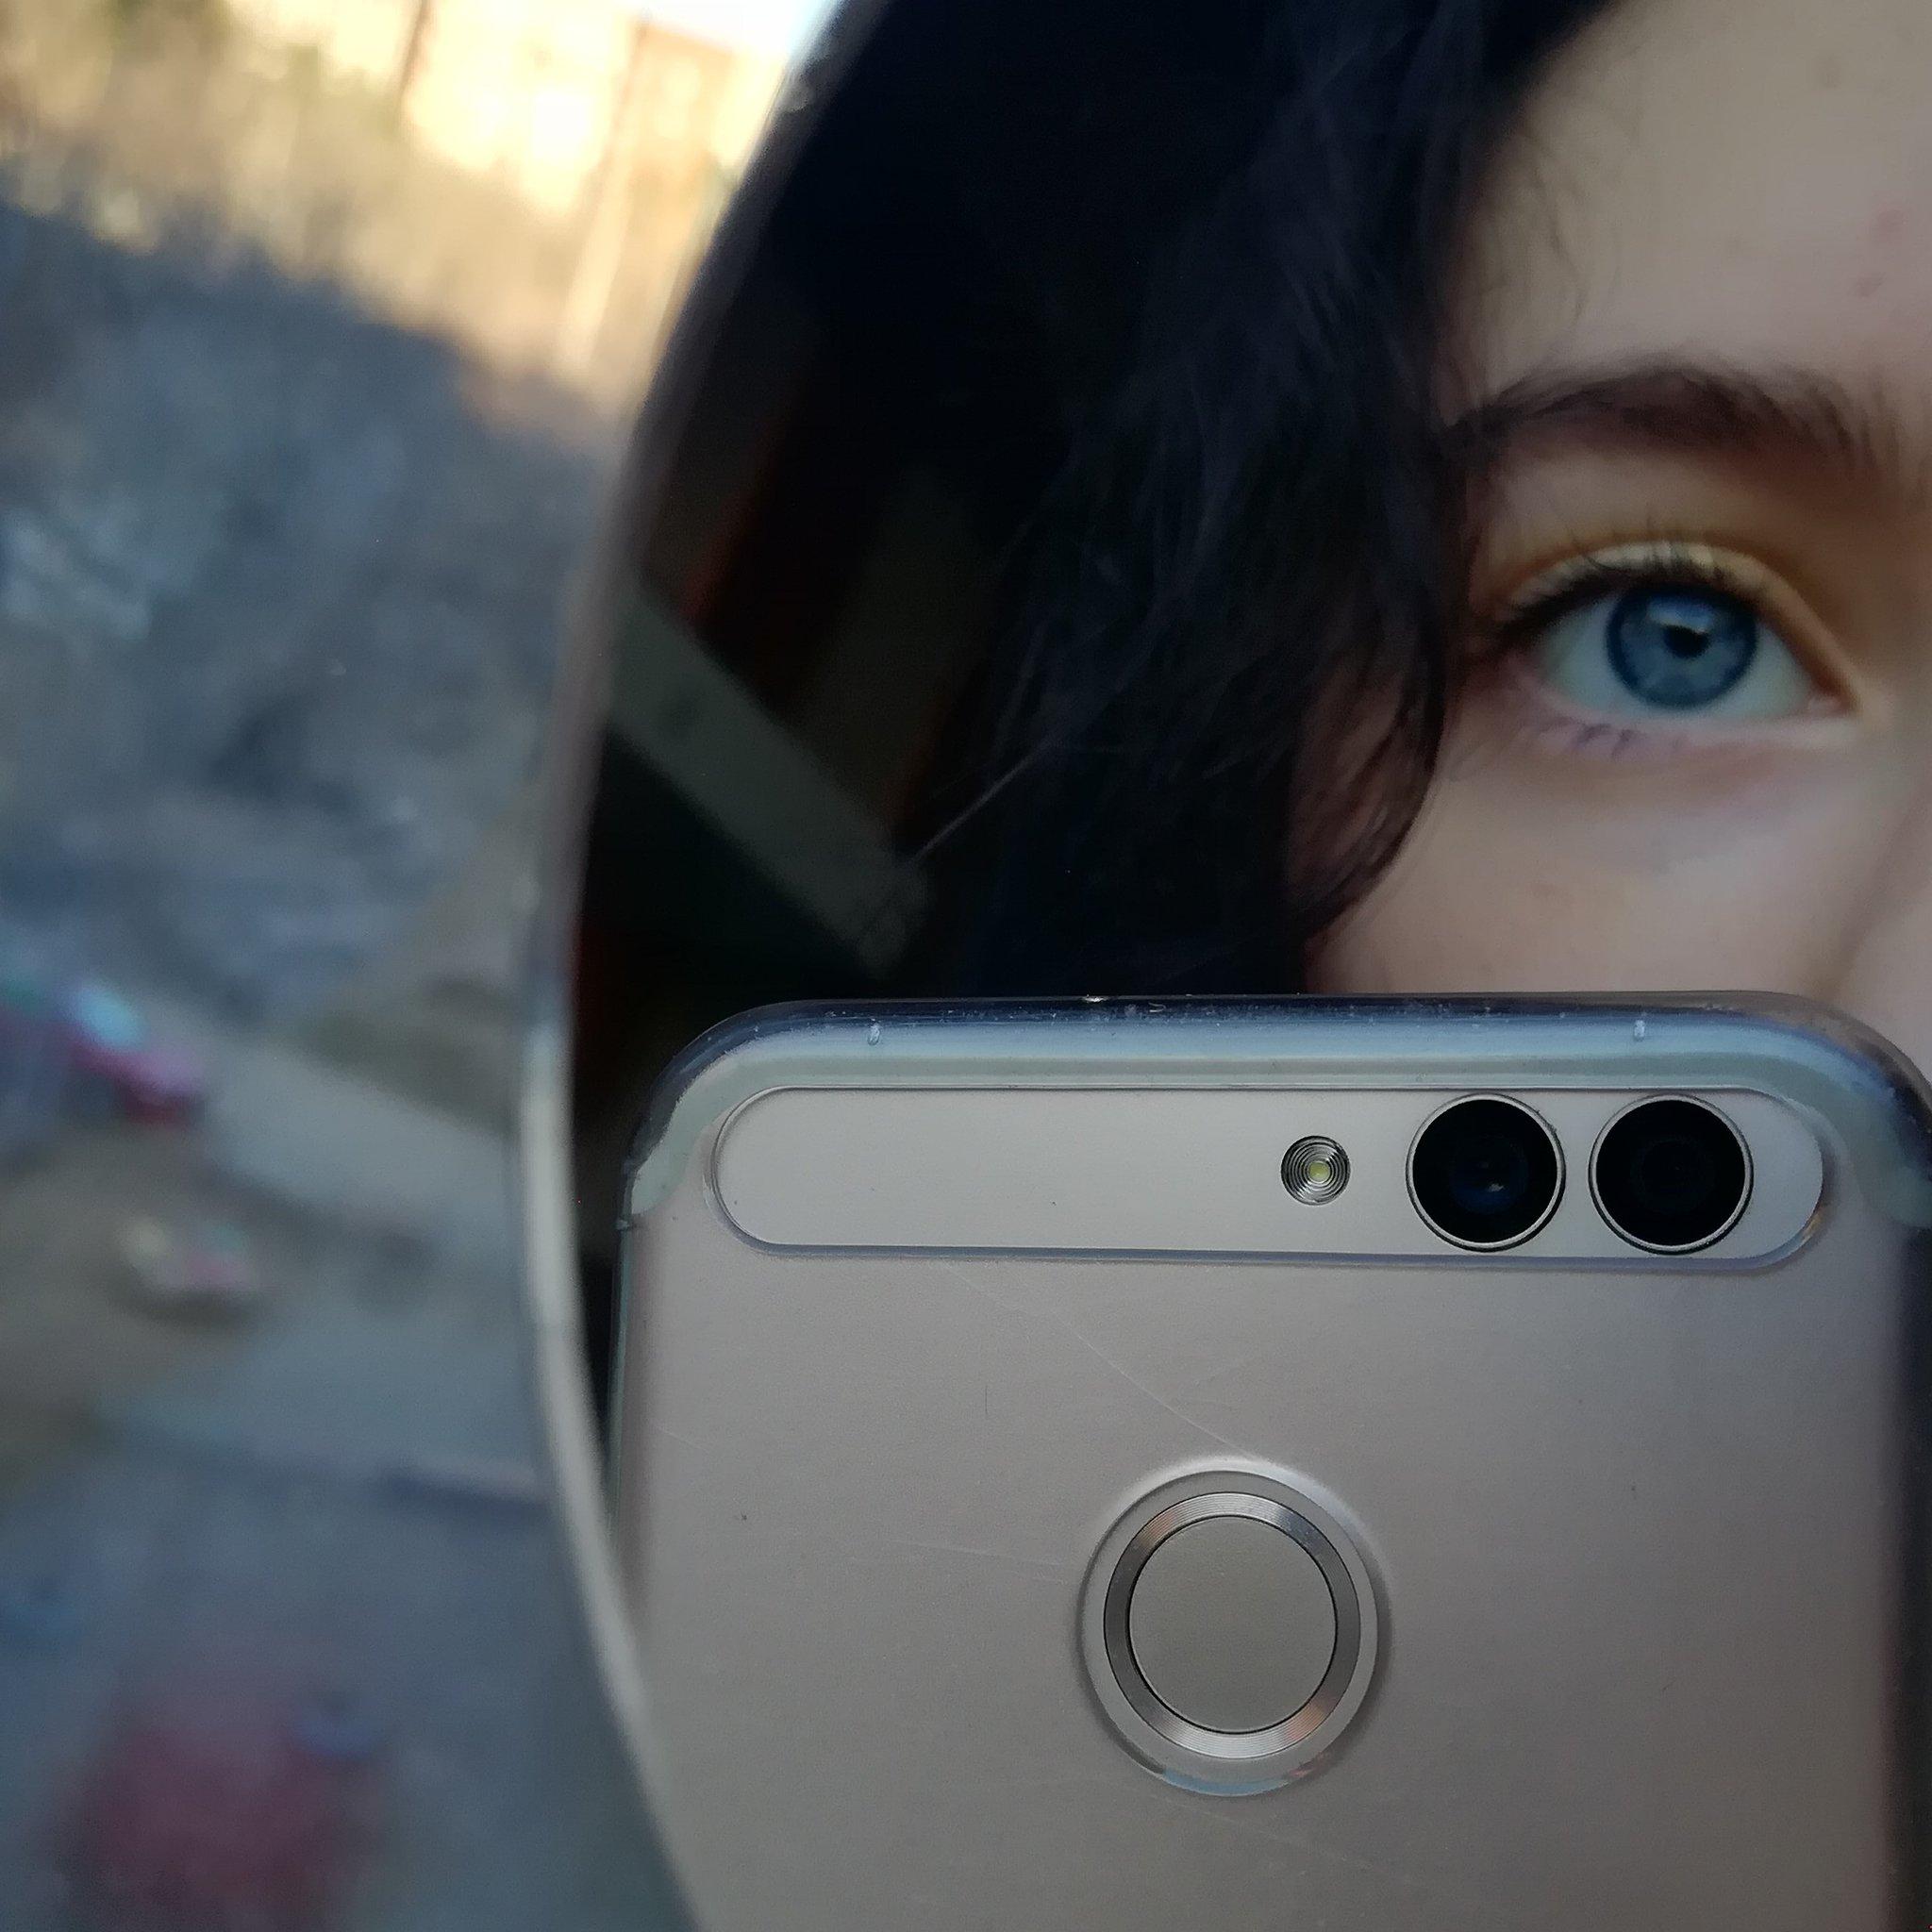 идеально как на айфоне красиво сфотографировать глаз боя